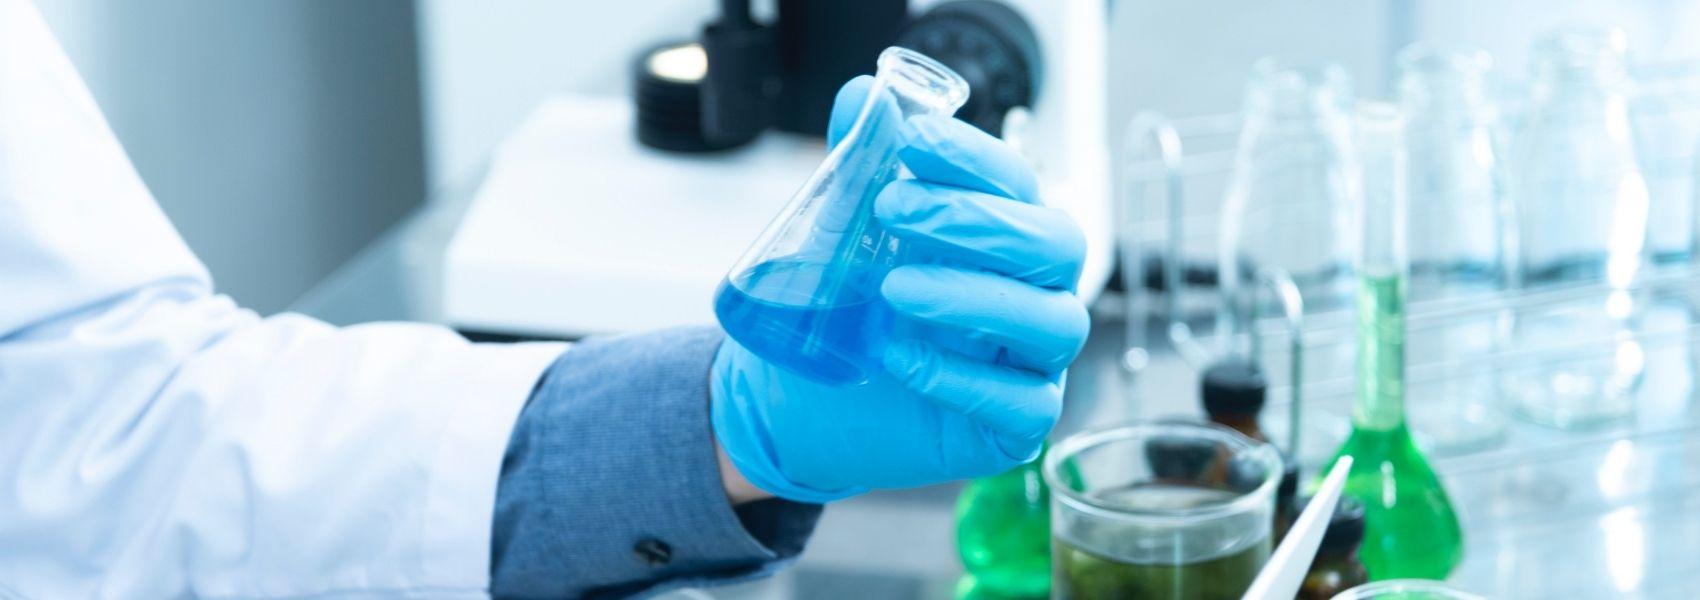 Células cultivadas em laboratório usadas para reparar fígados humanos